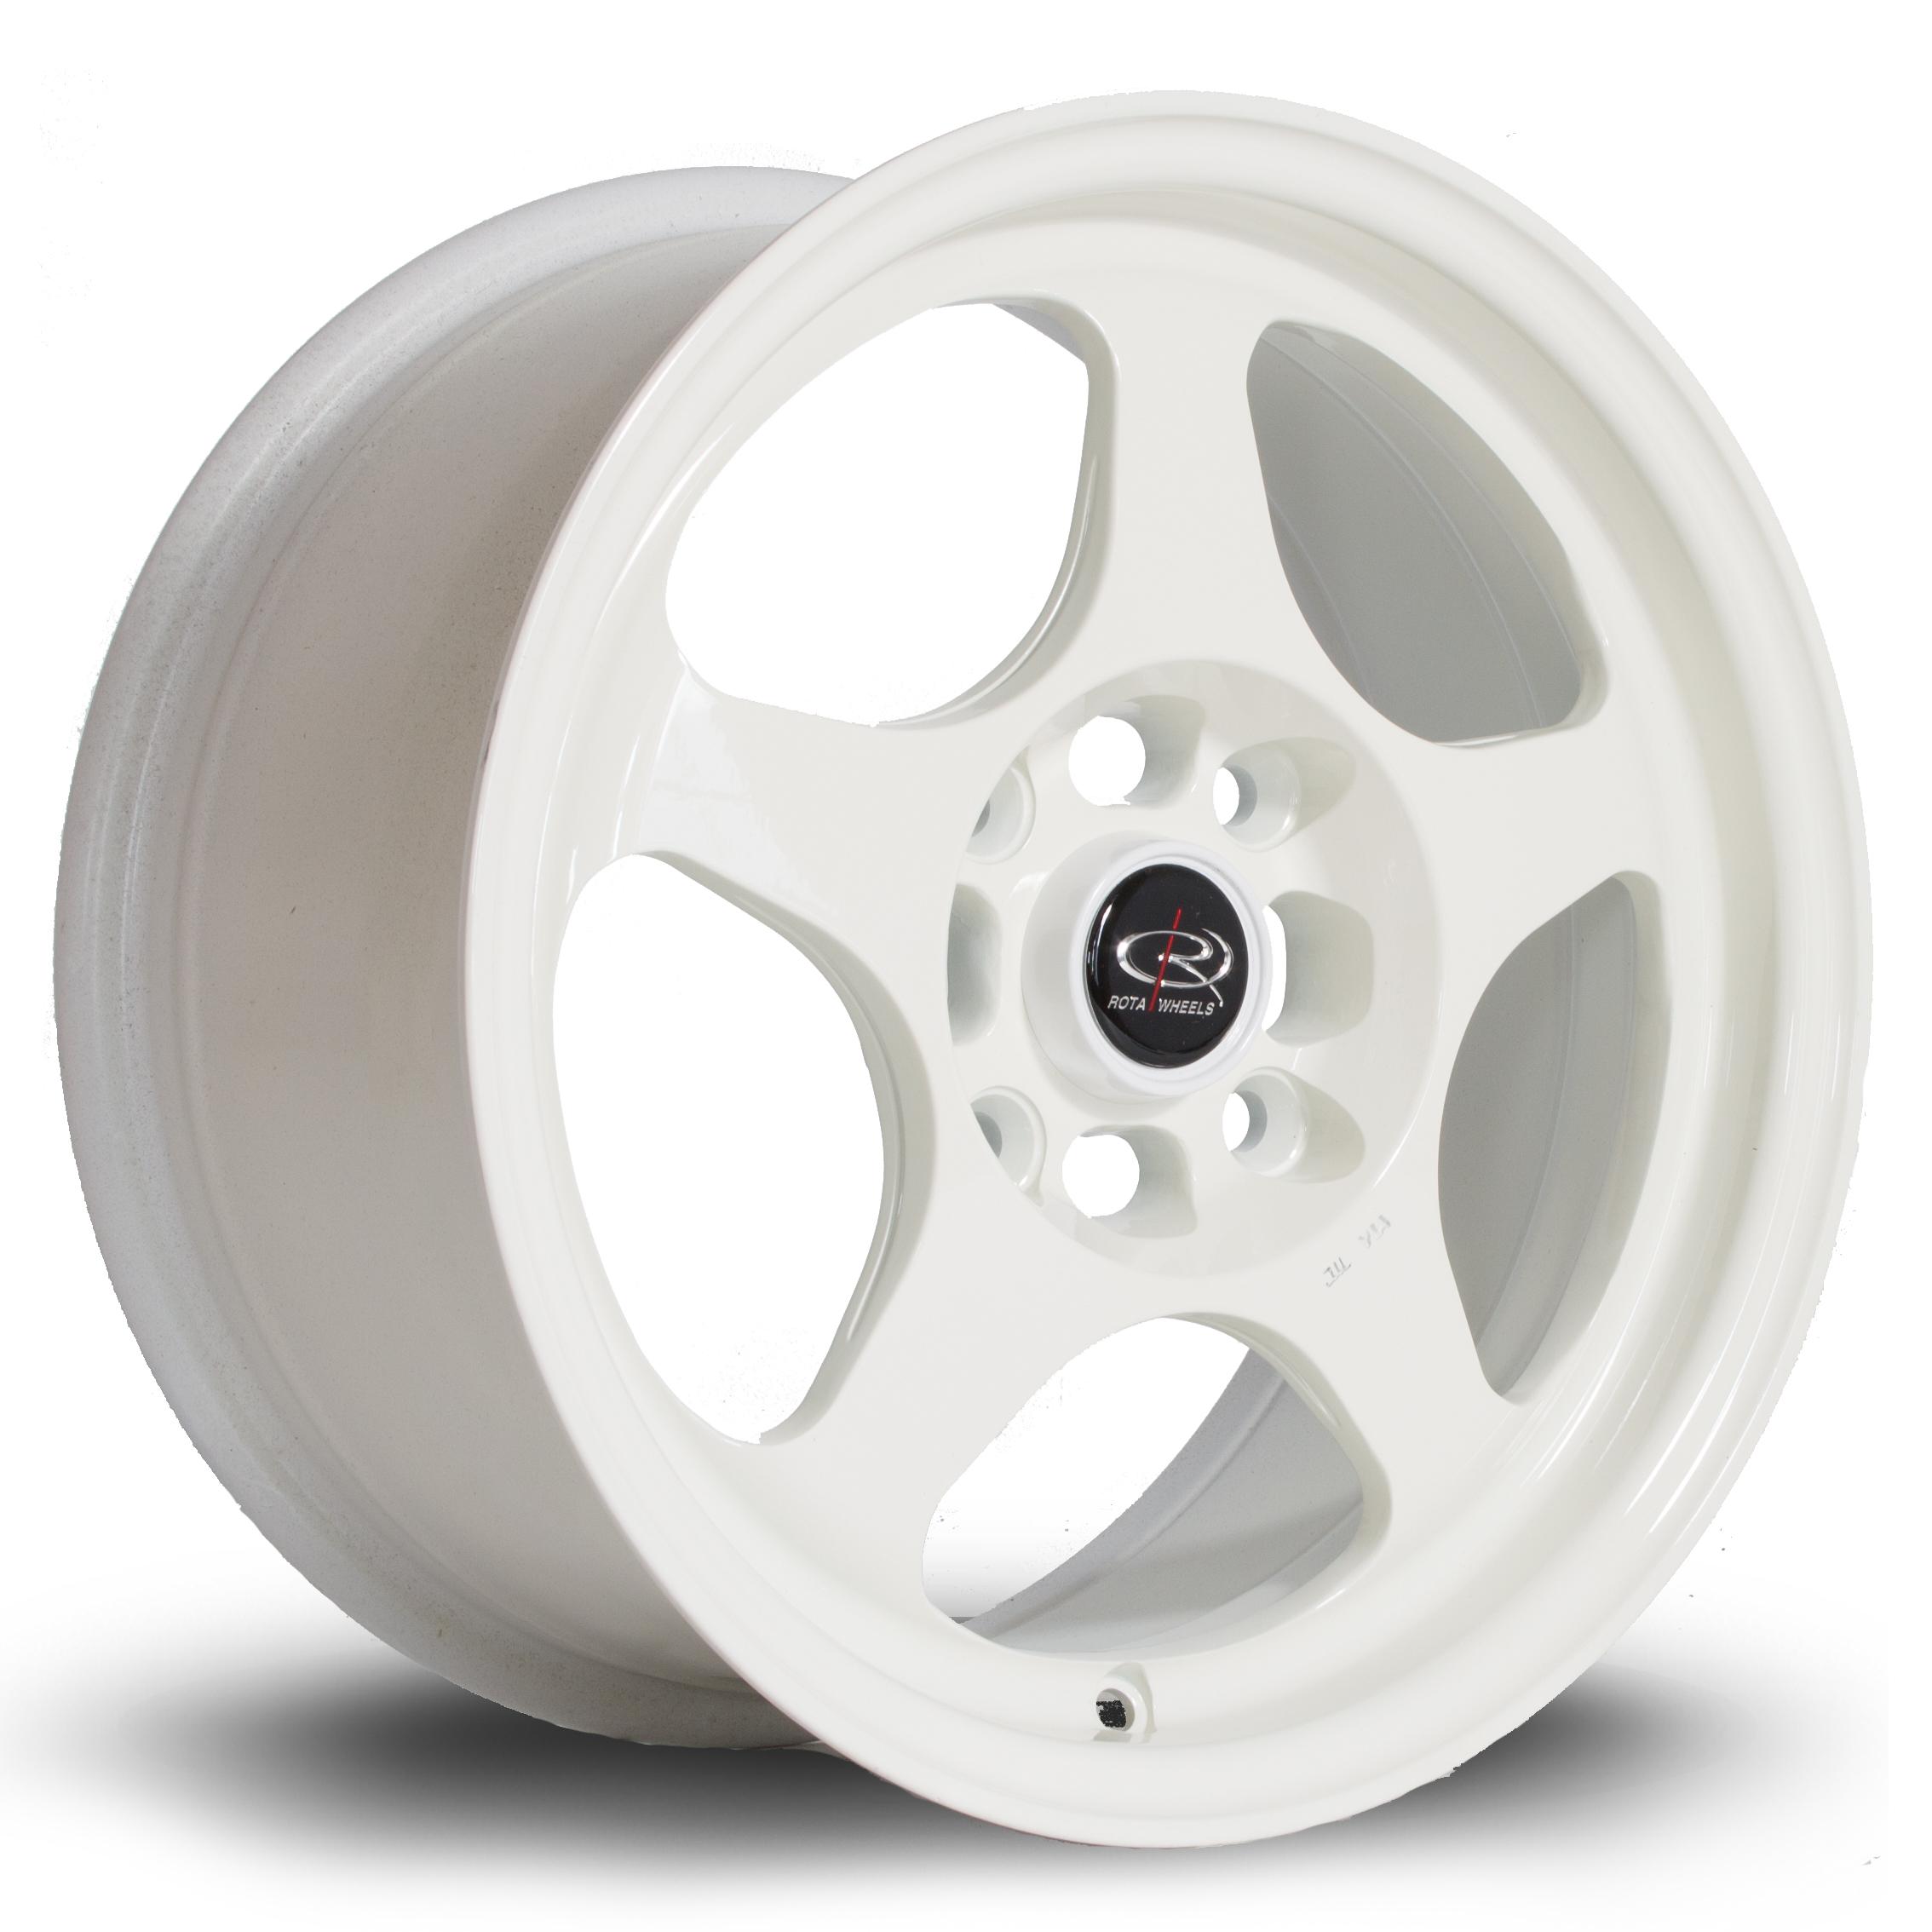 ROTA Slip hliníkové disky 7x15 4x114,3 ET40 CWhite